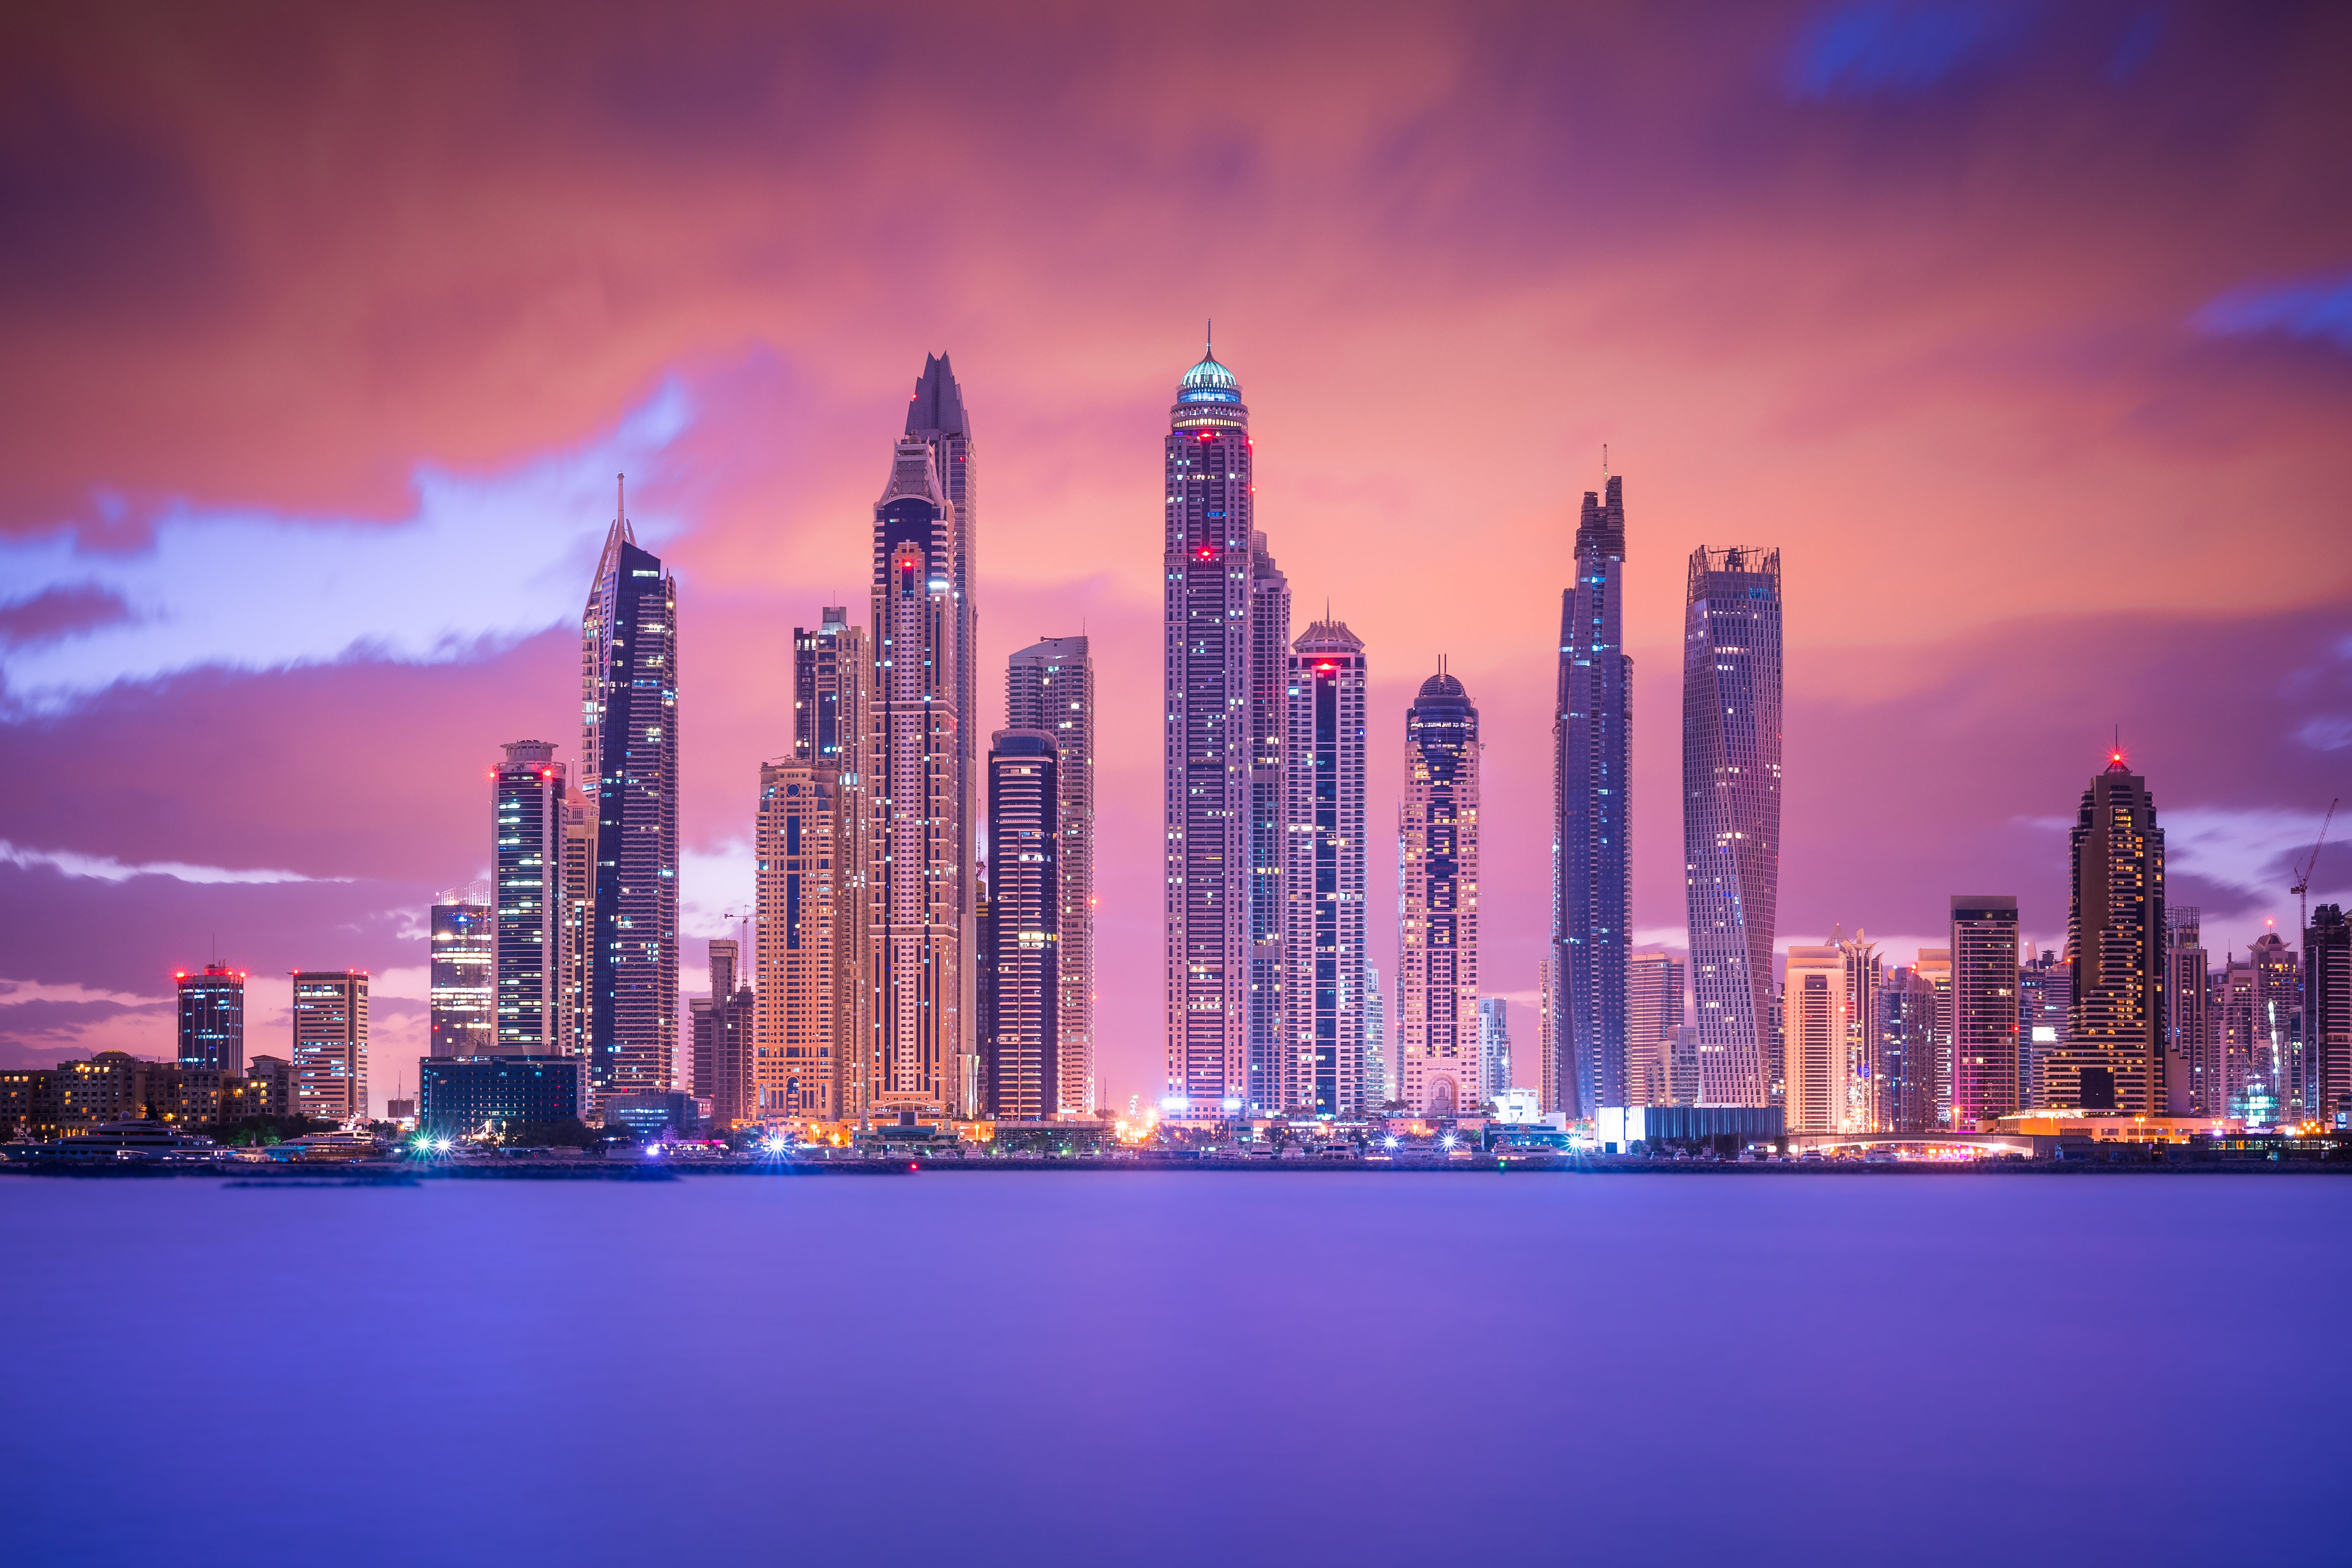 архитектура, небоскребы, город, дубай, оаэ, эмираты, утро, рассвет, море, Alex Mayer